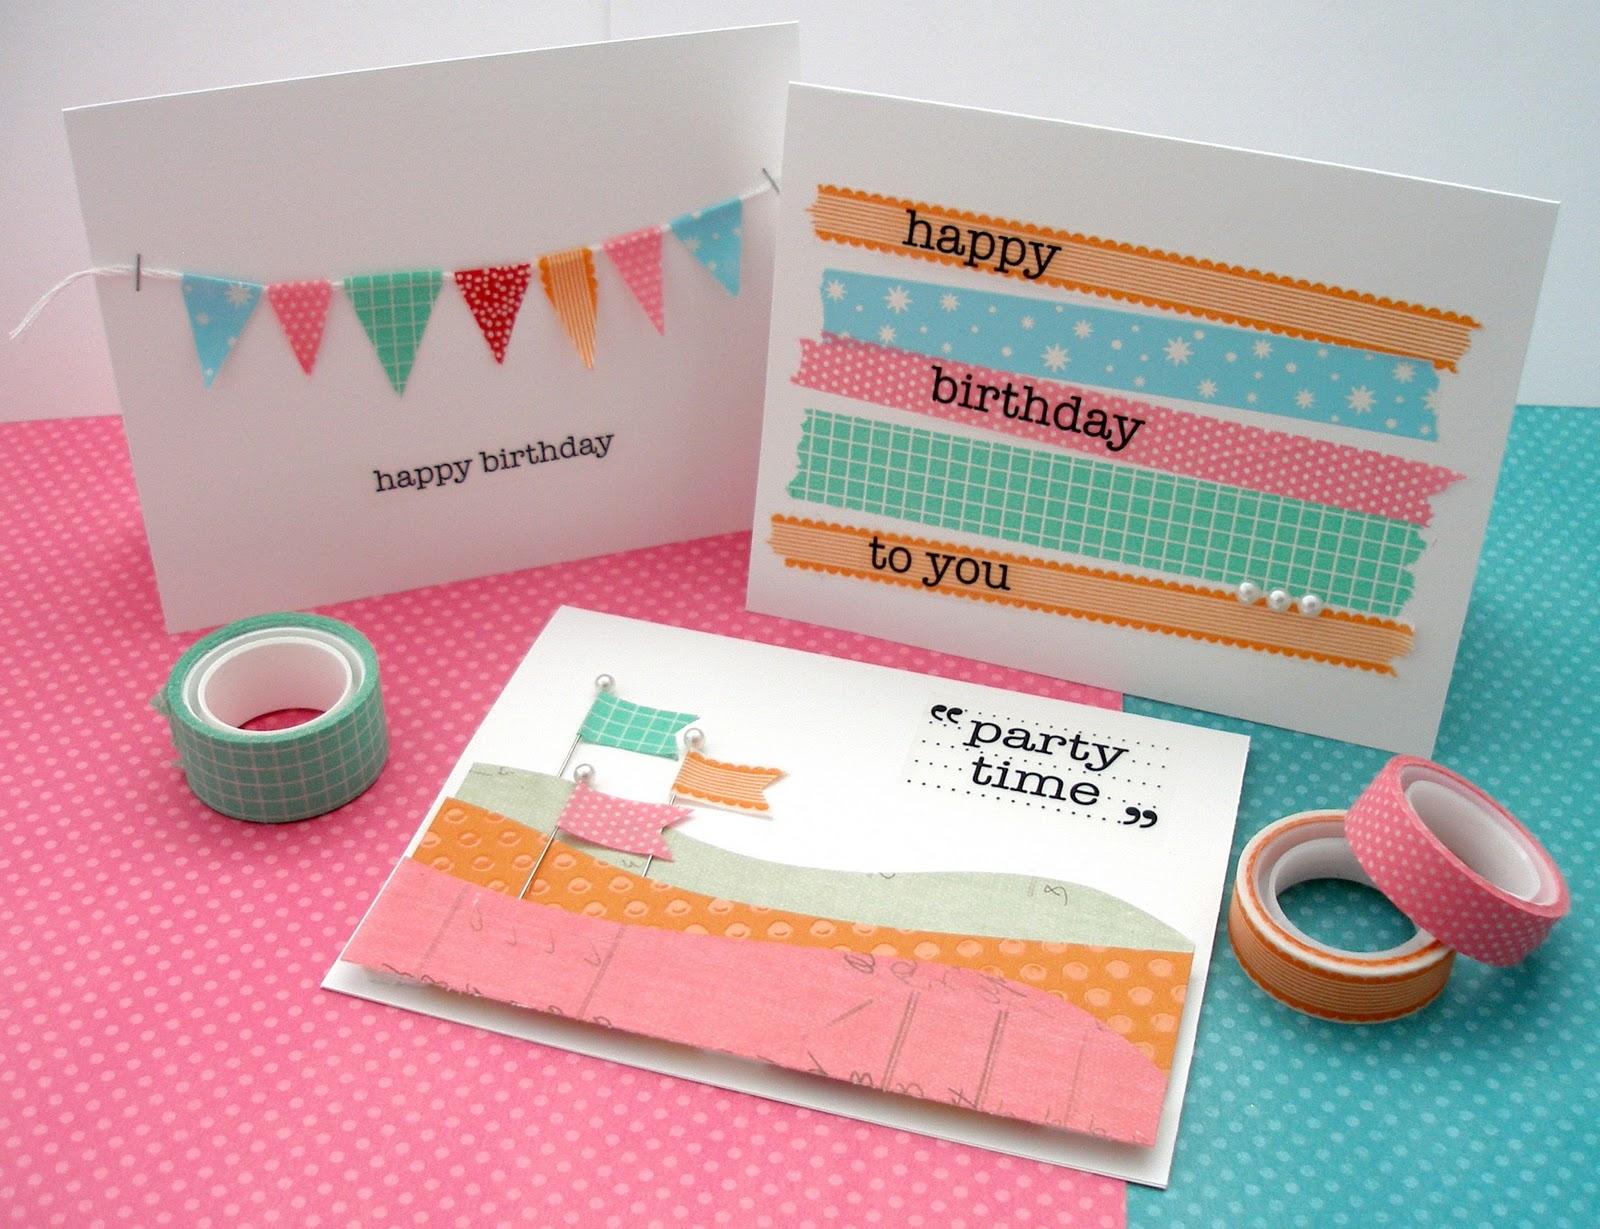 思っているより簡単!手作りカードは、作って楽しくもらって嬉しい!のサムネイル画像